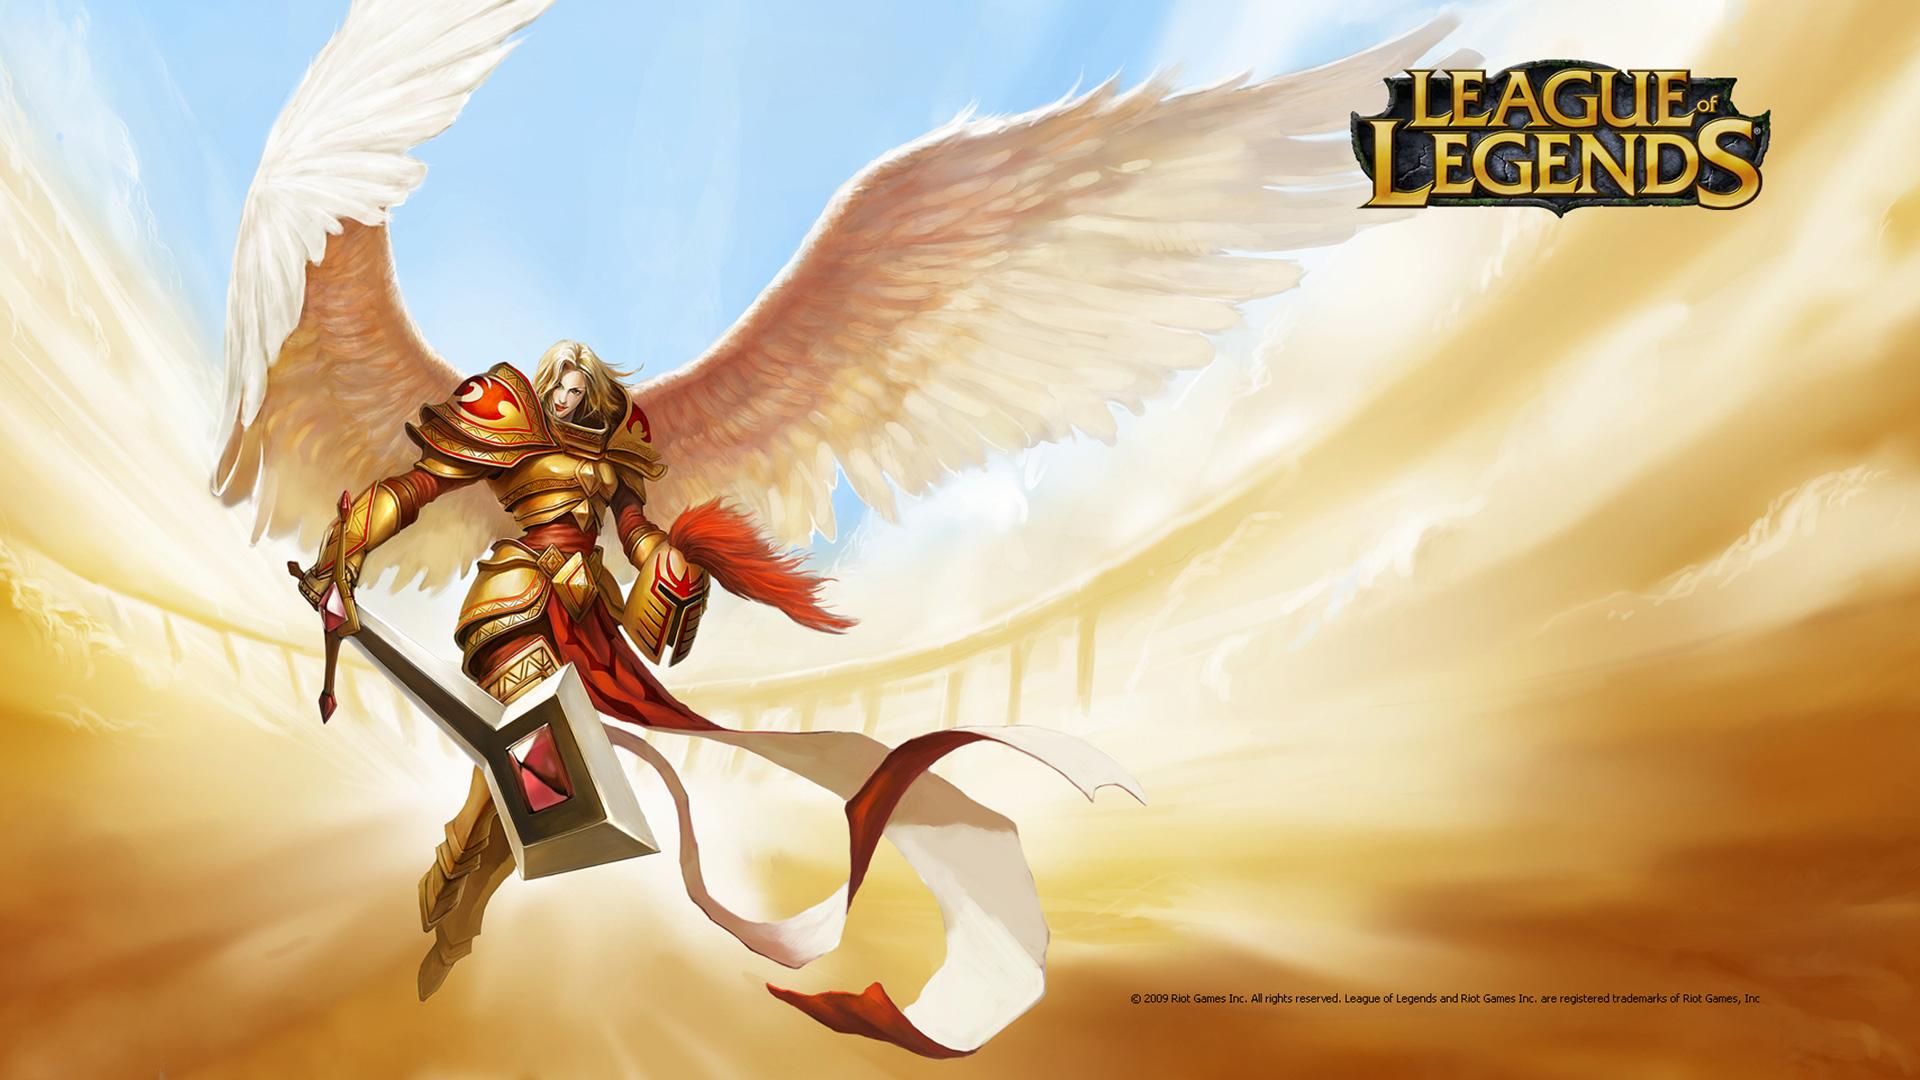 Free League of Legends Wallpaper in 1920x1080